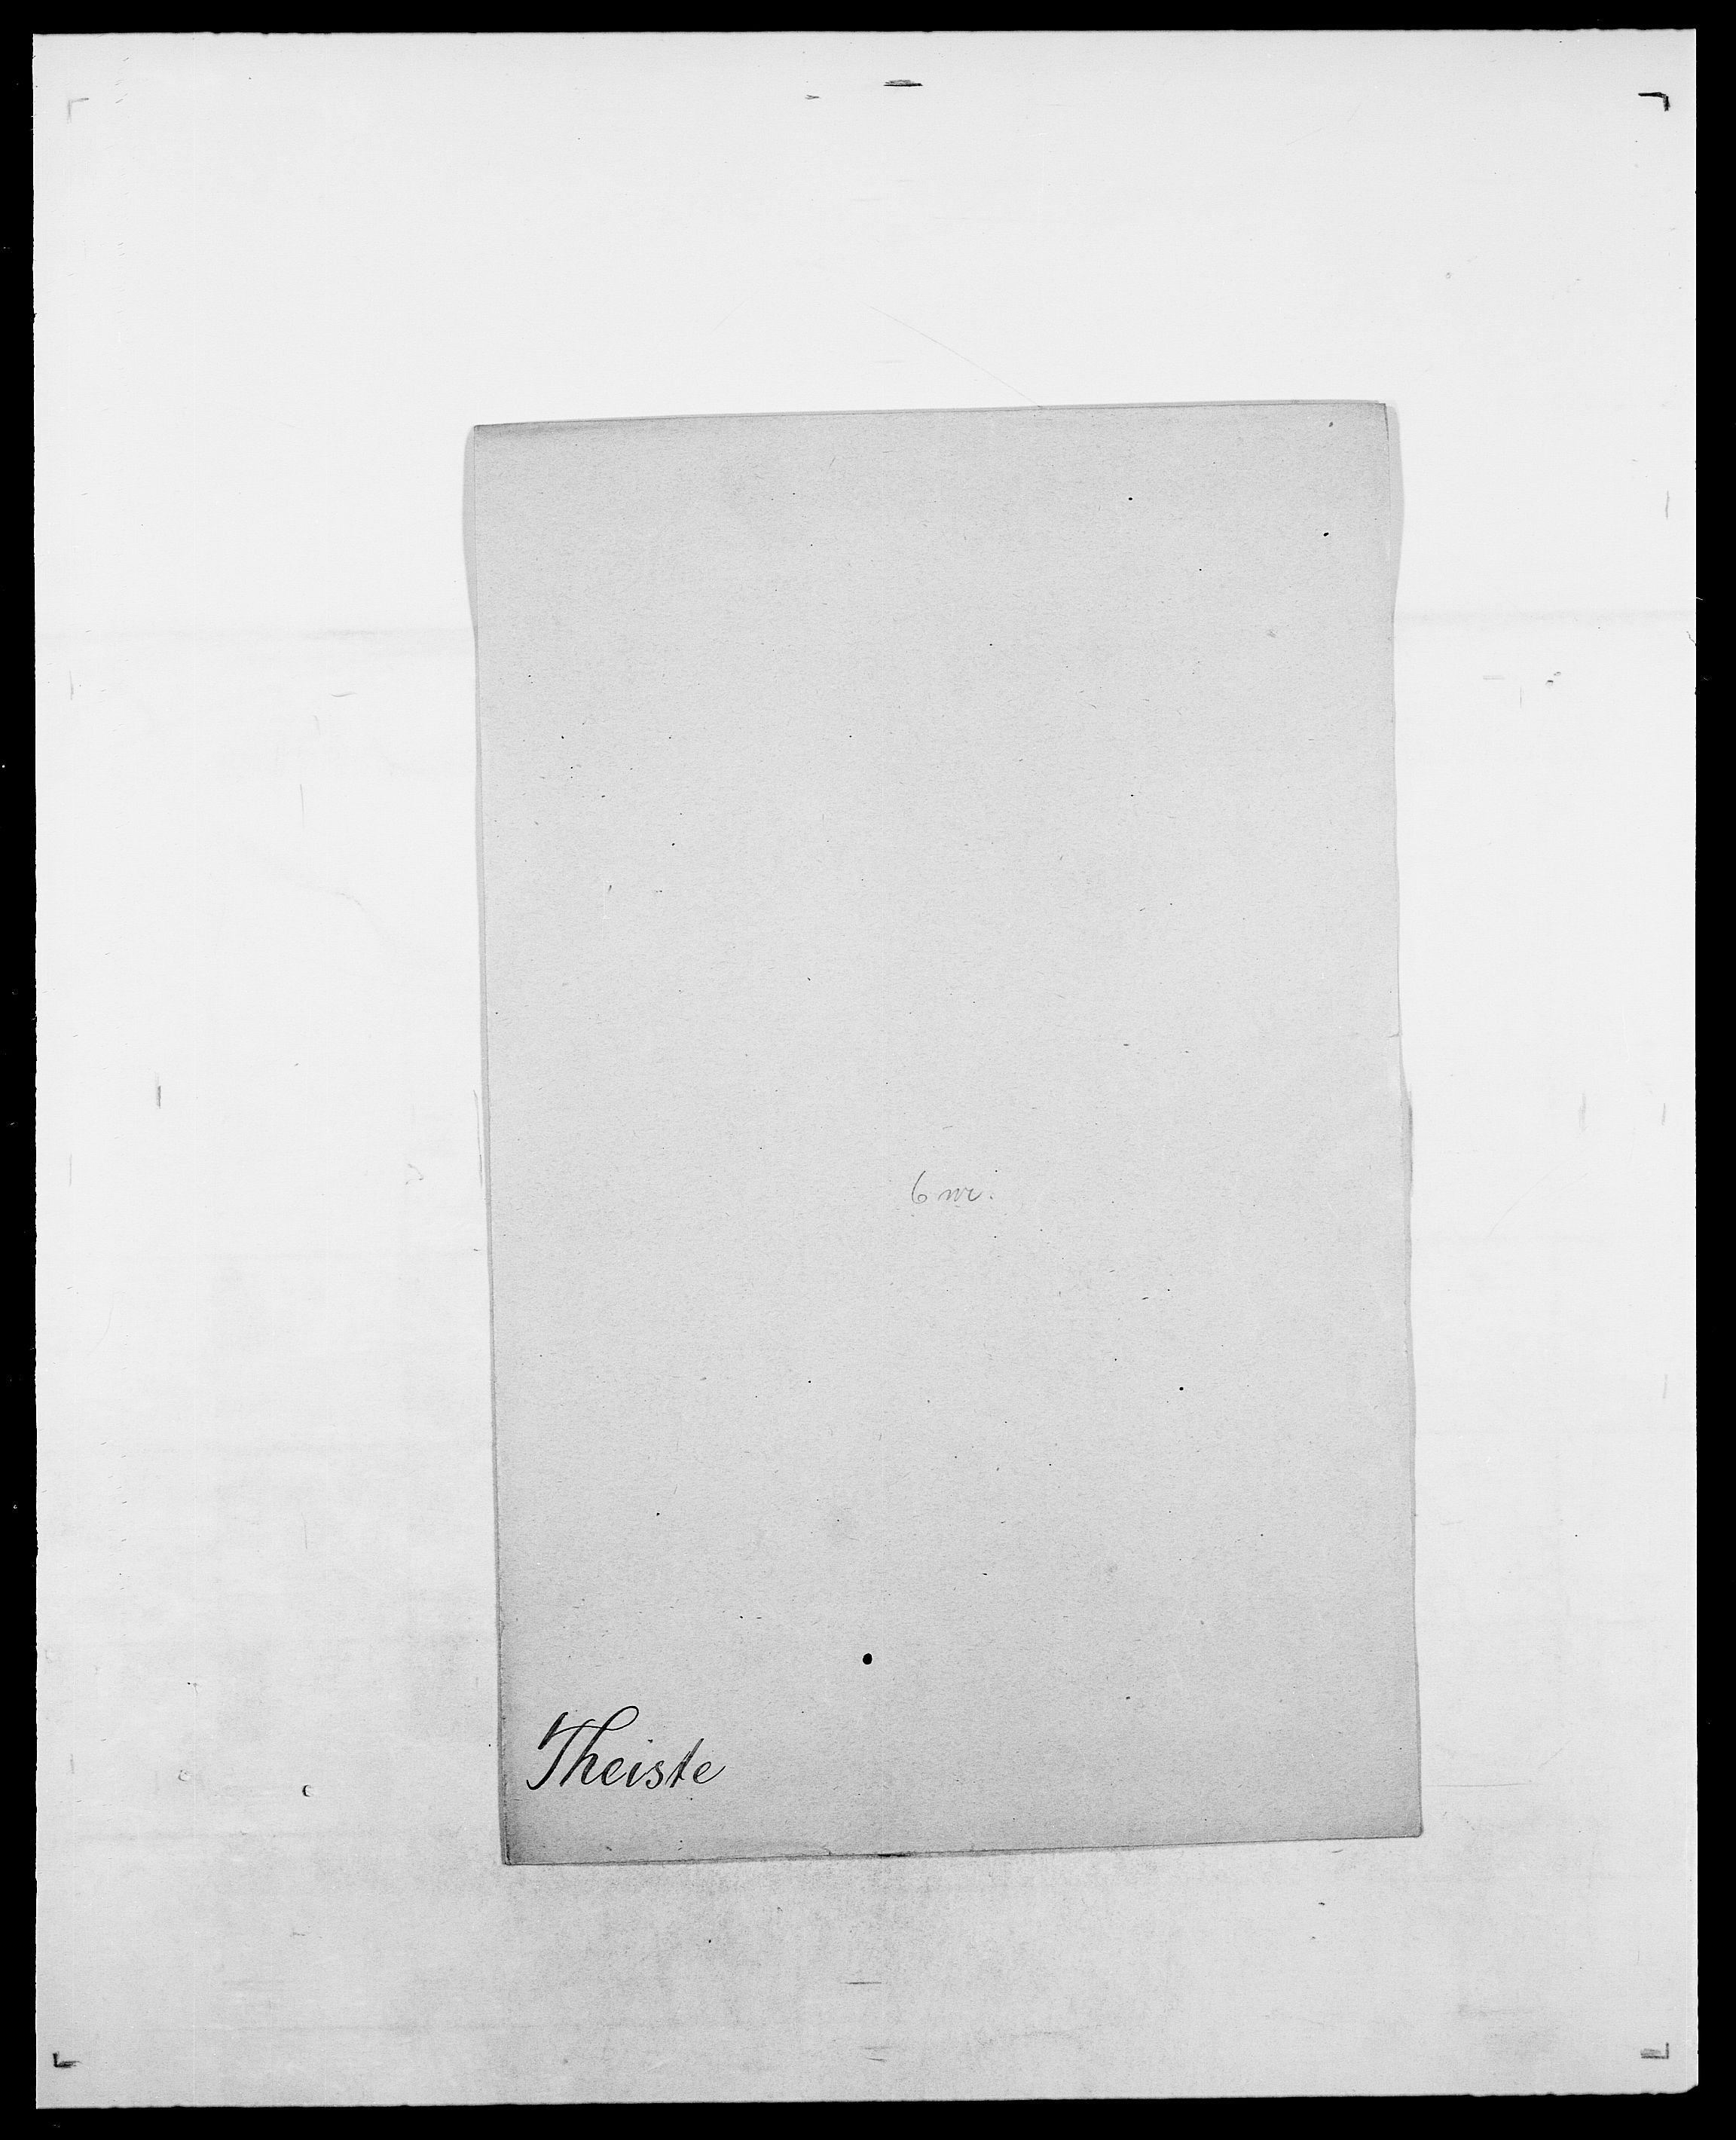 SAO, Delgobe, Charles Antoine - samling, D/Da/L0038: Svanenskjold - Thornsohn, s. 476